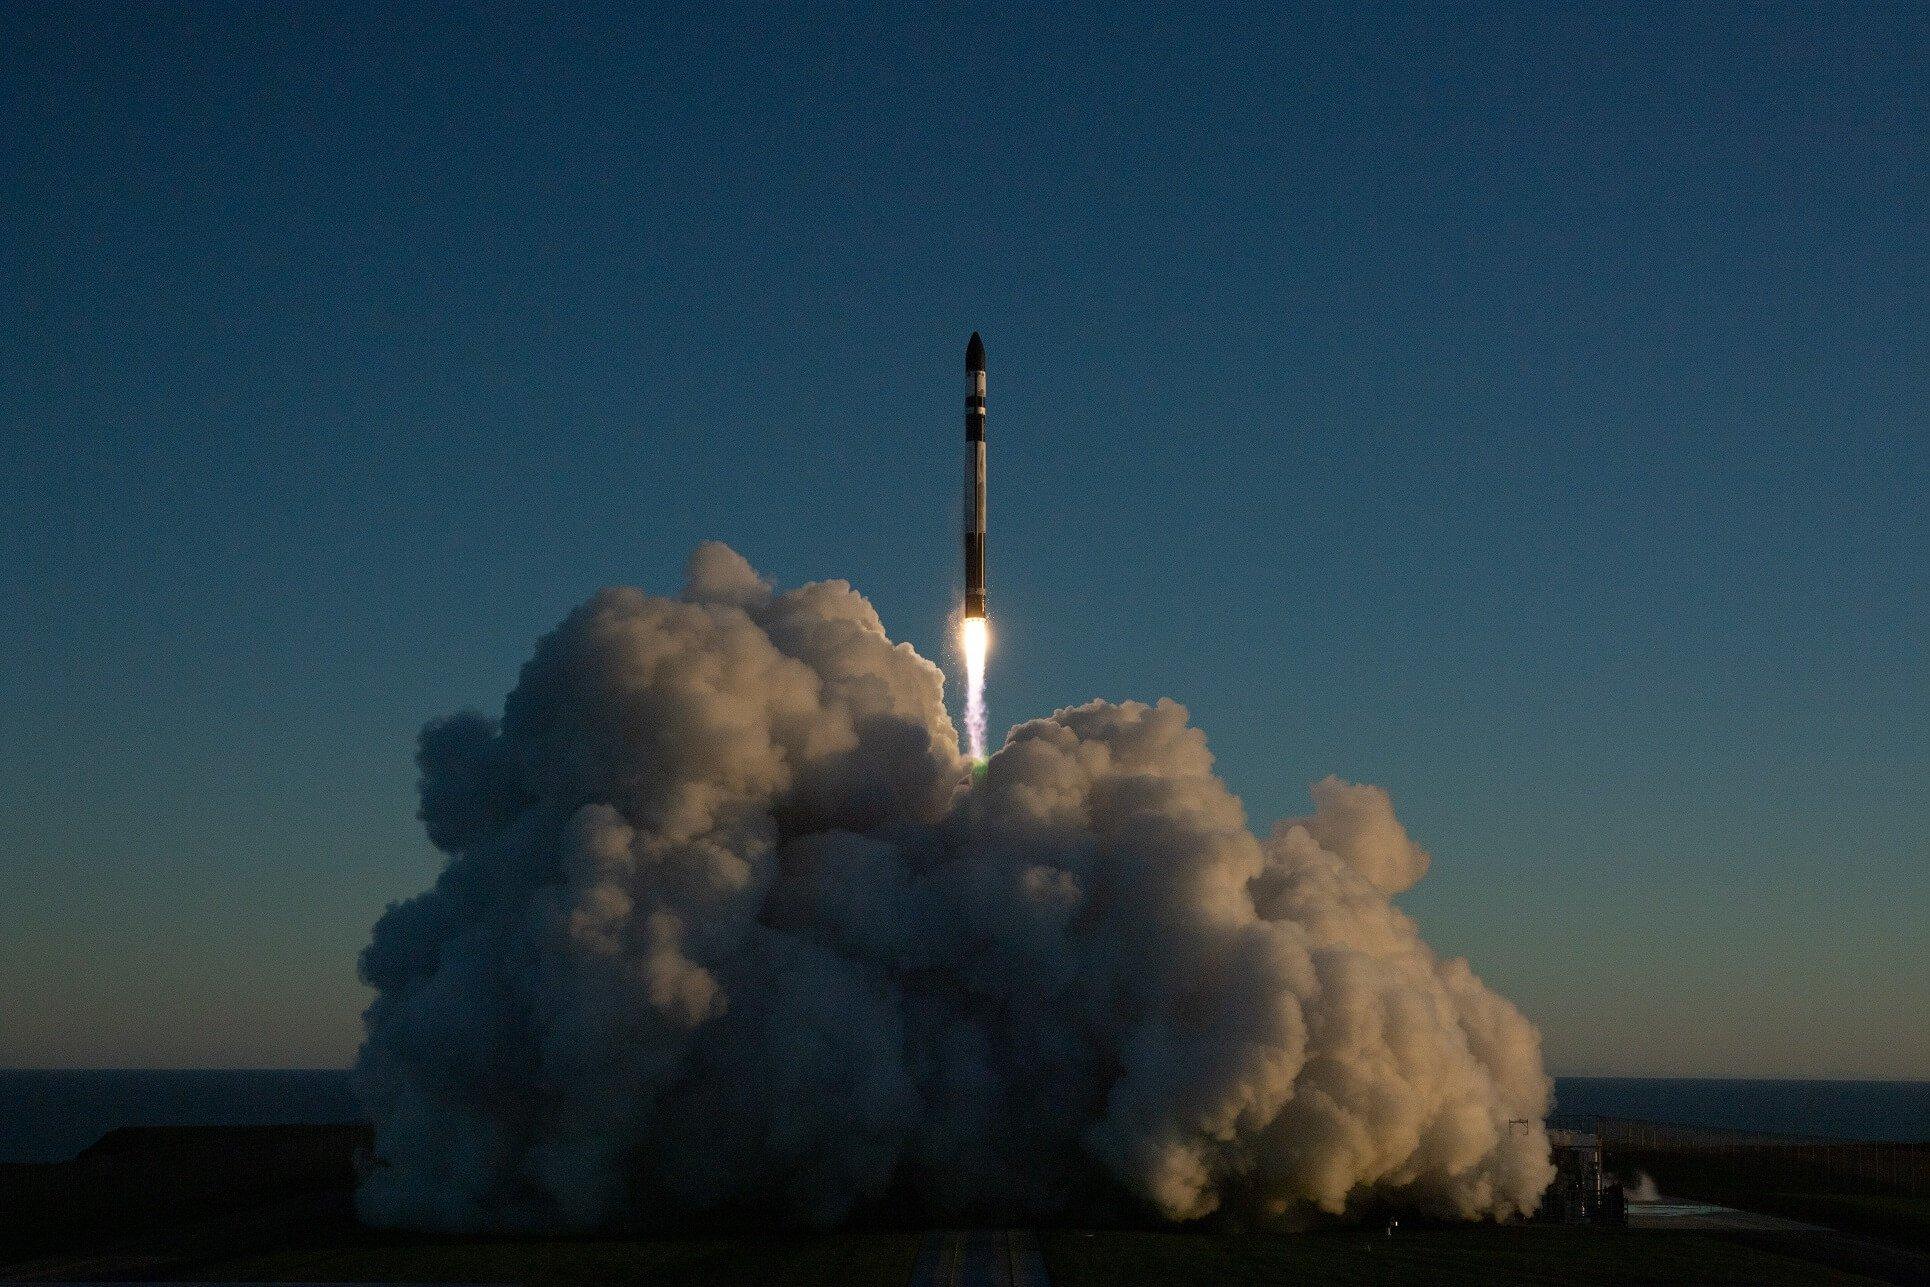 future rocket launching video - HD1930×1287